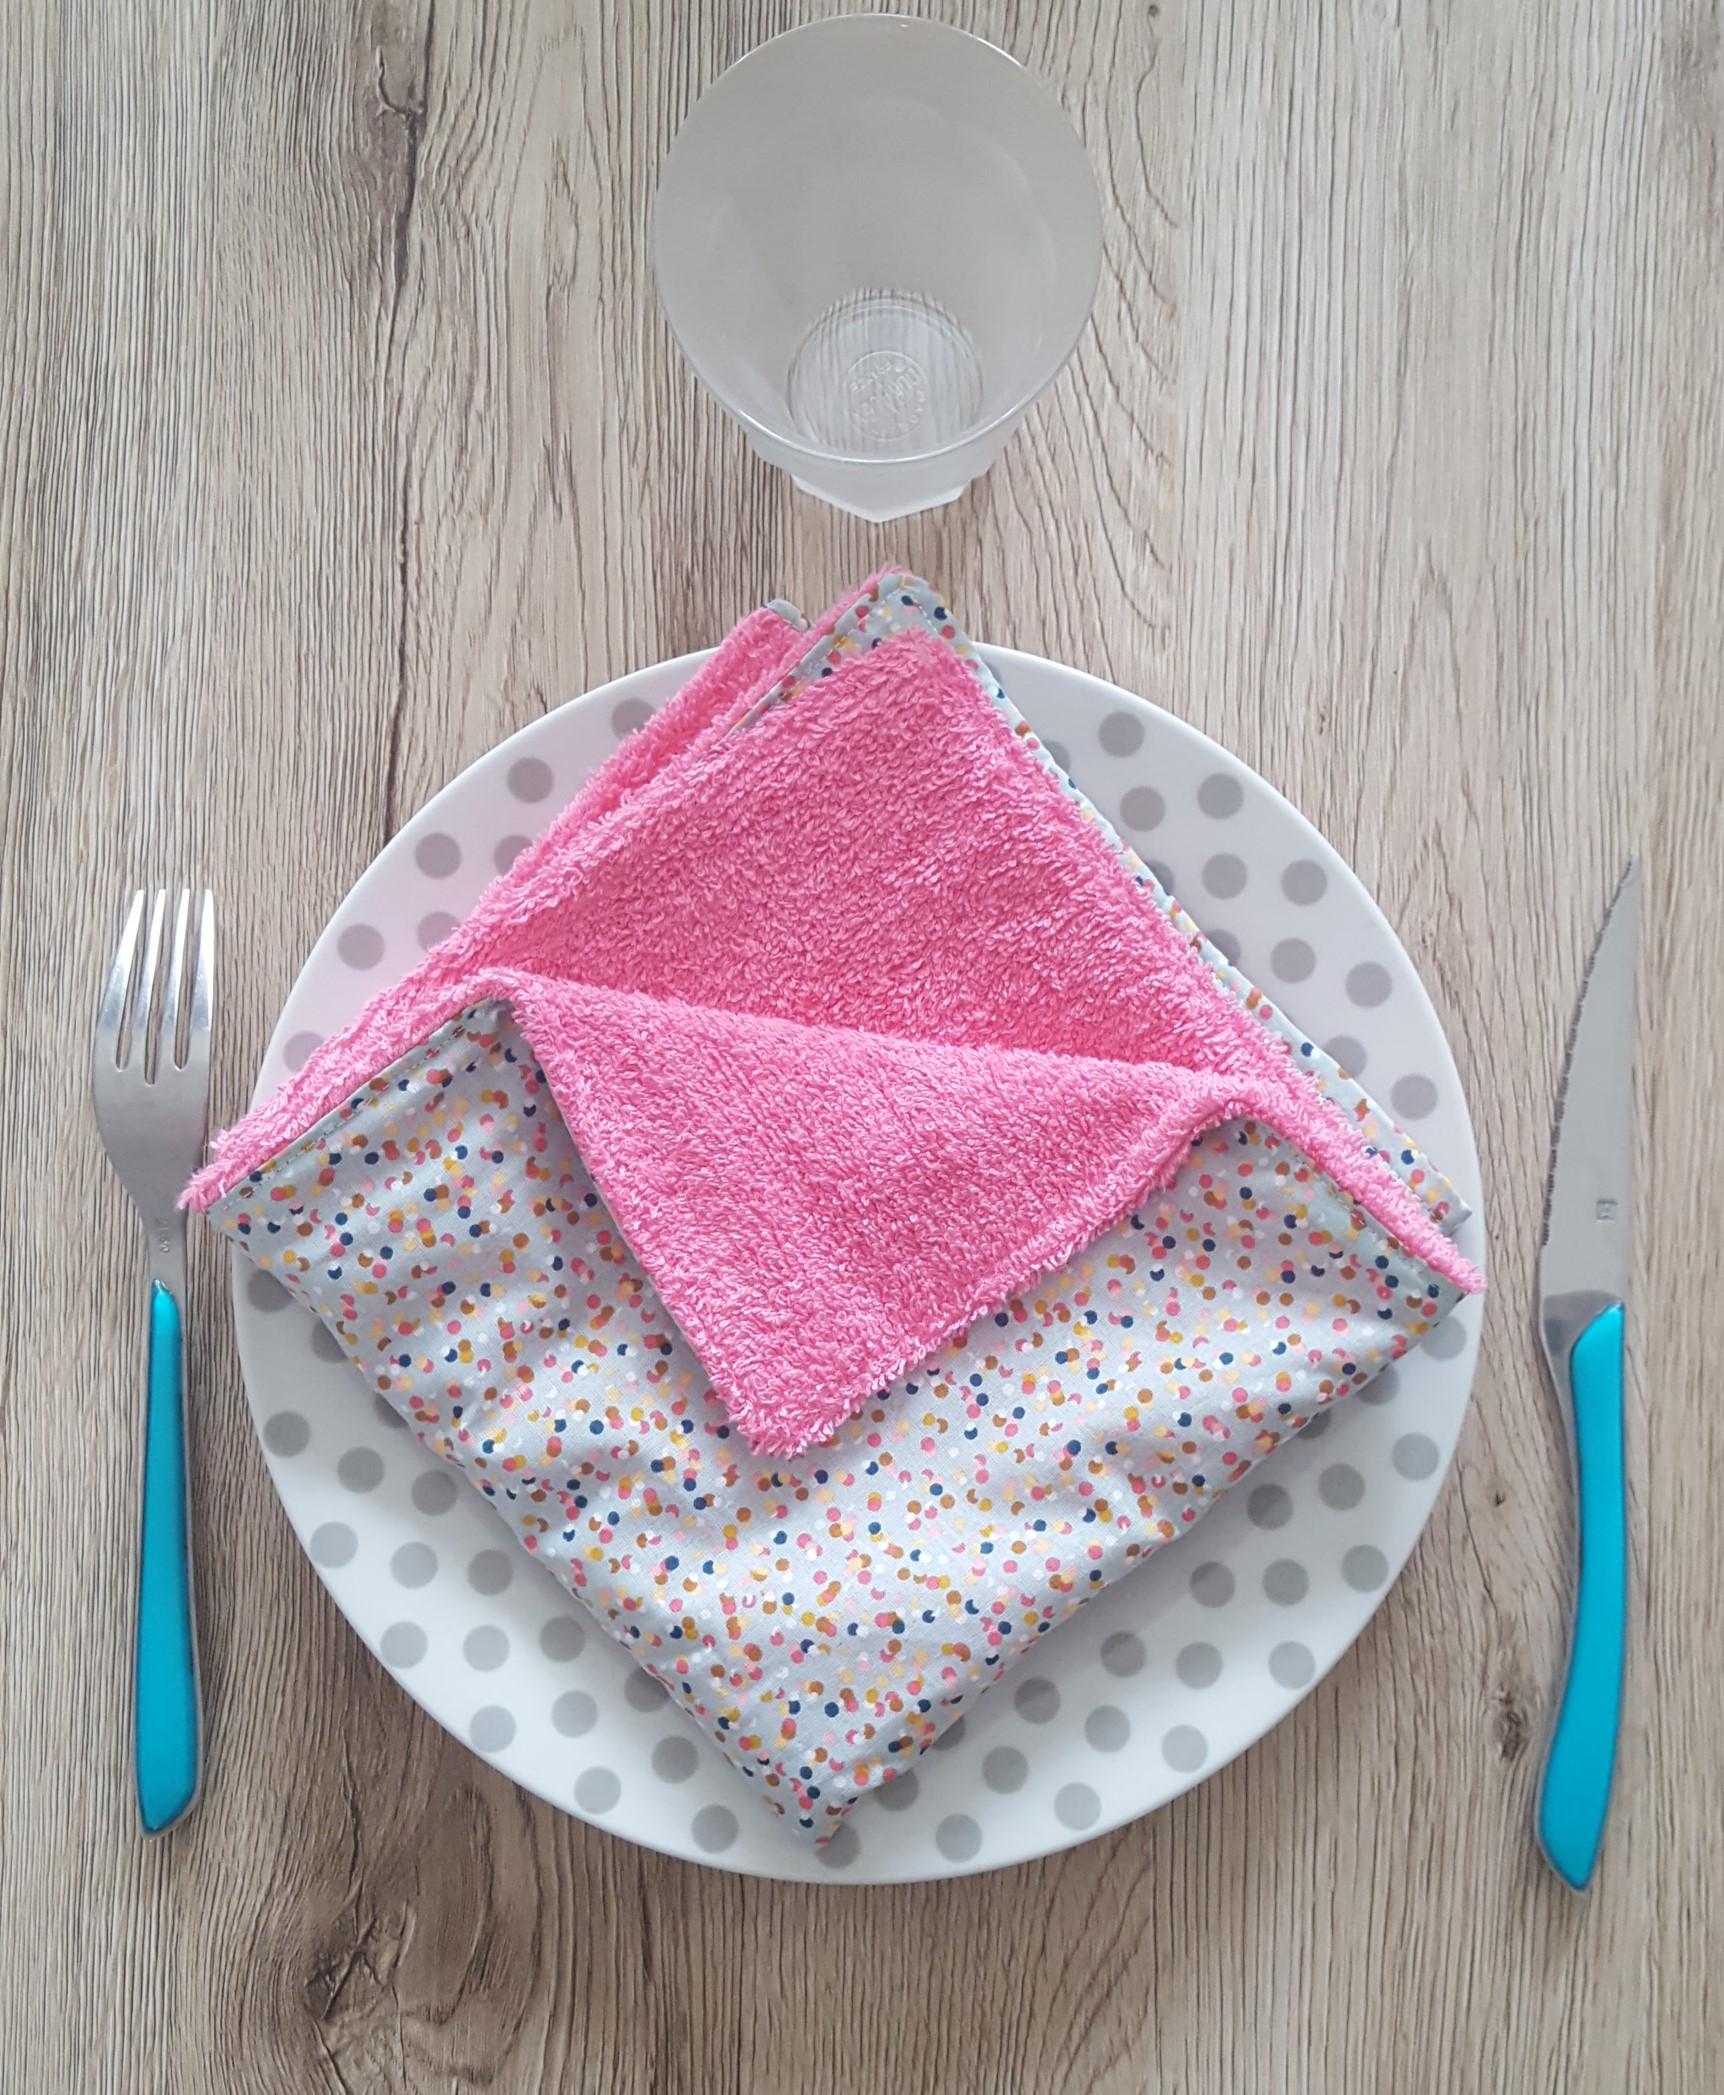 Serviette de table moucheté